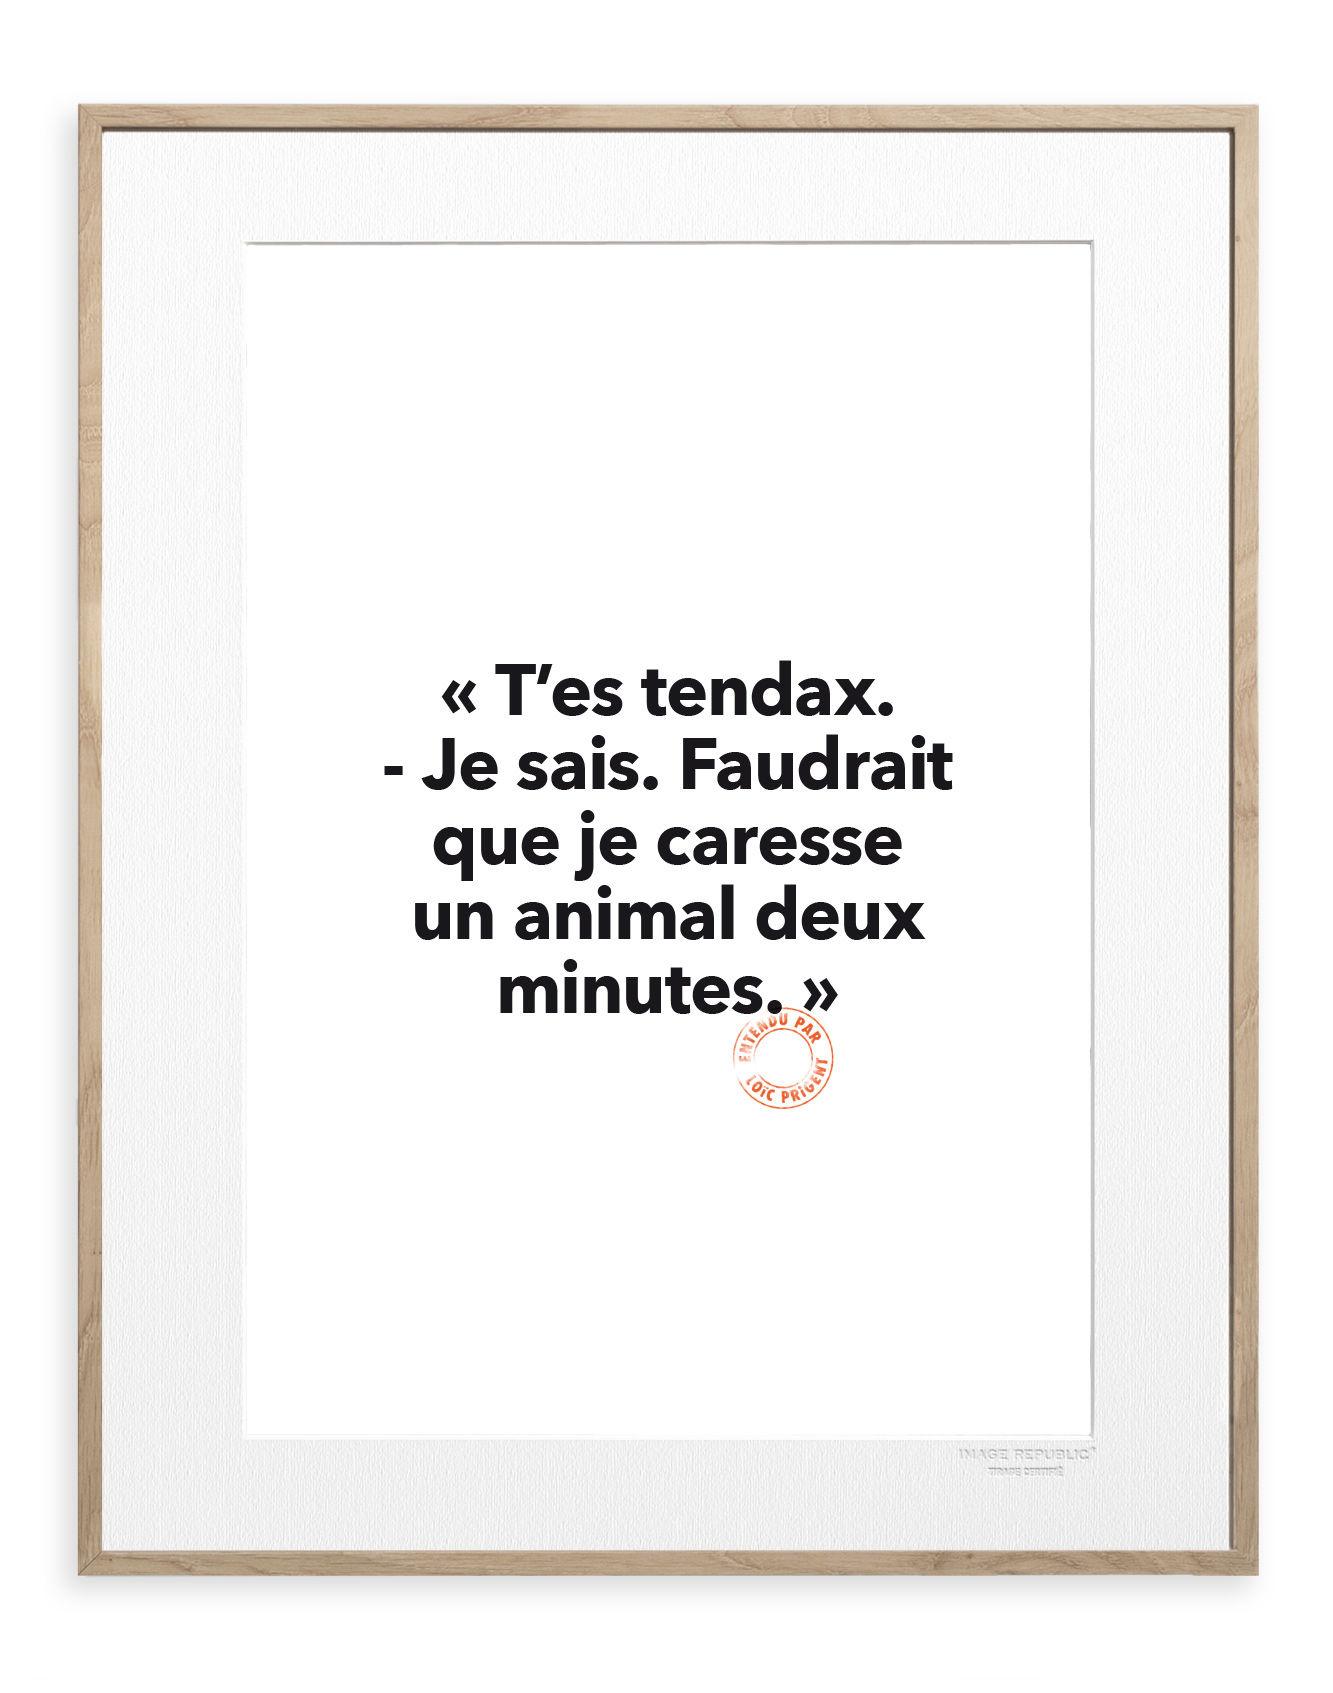 Déco - Stickers, papiers peints & posters - Affiche Loïc Prigent - T'es tendax / 30 x 40 cm - Image Republic - T'es tendax - Papier